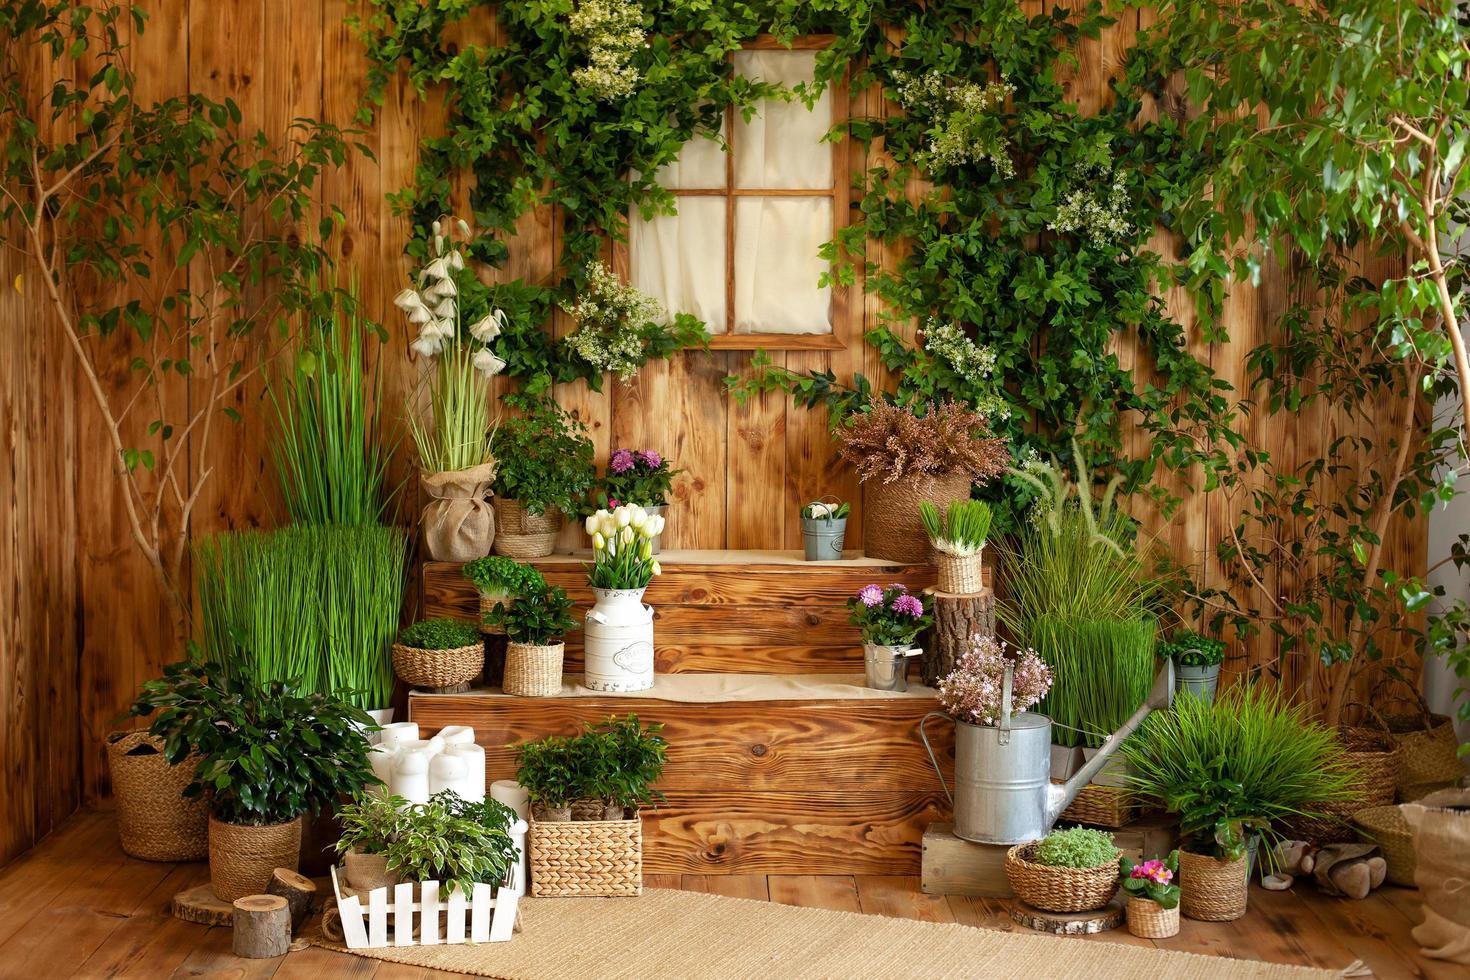 vårterrass av ett trähus med gröna växter foto